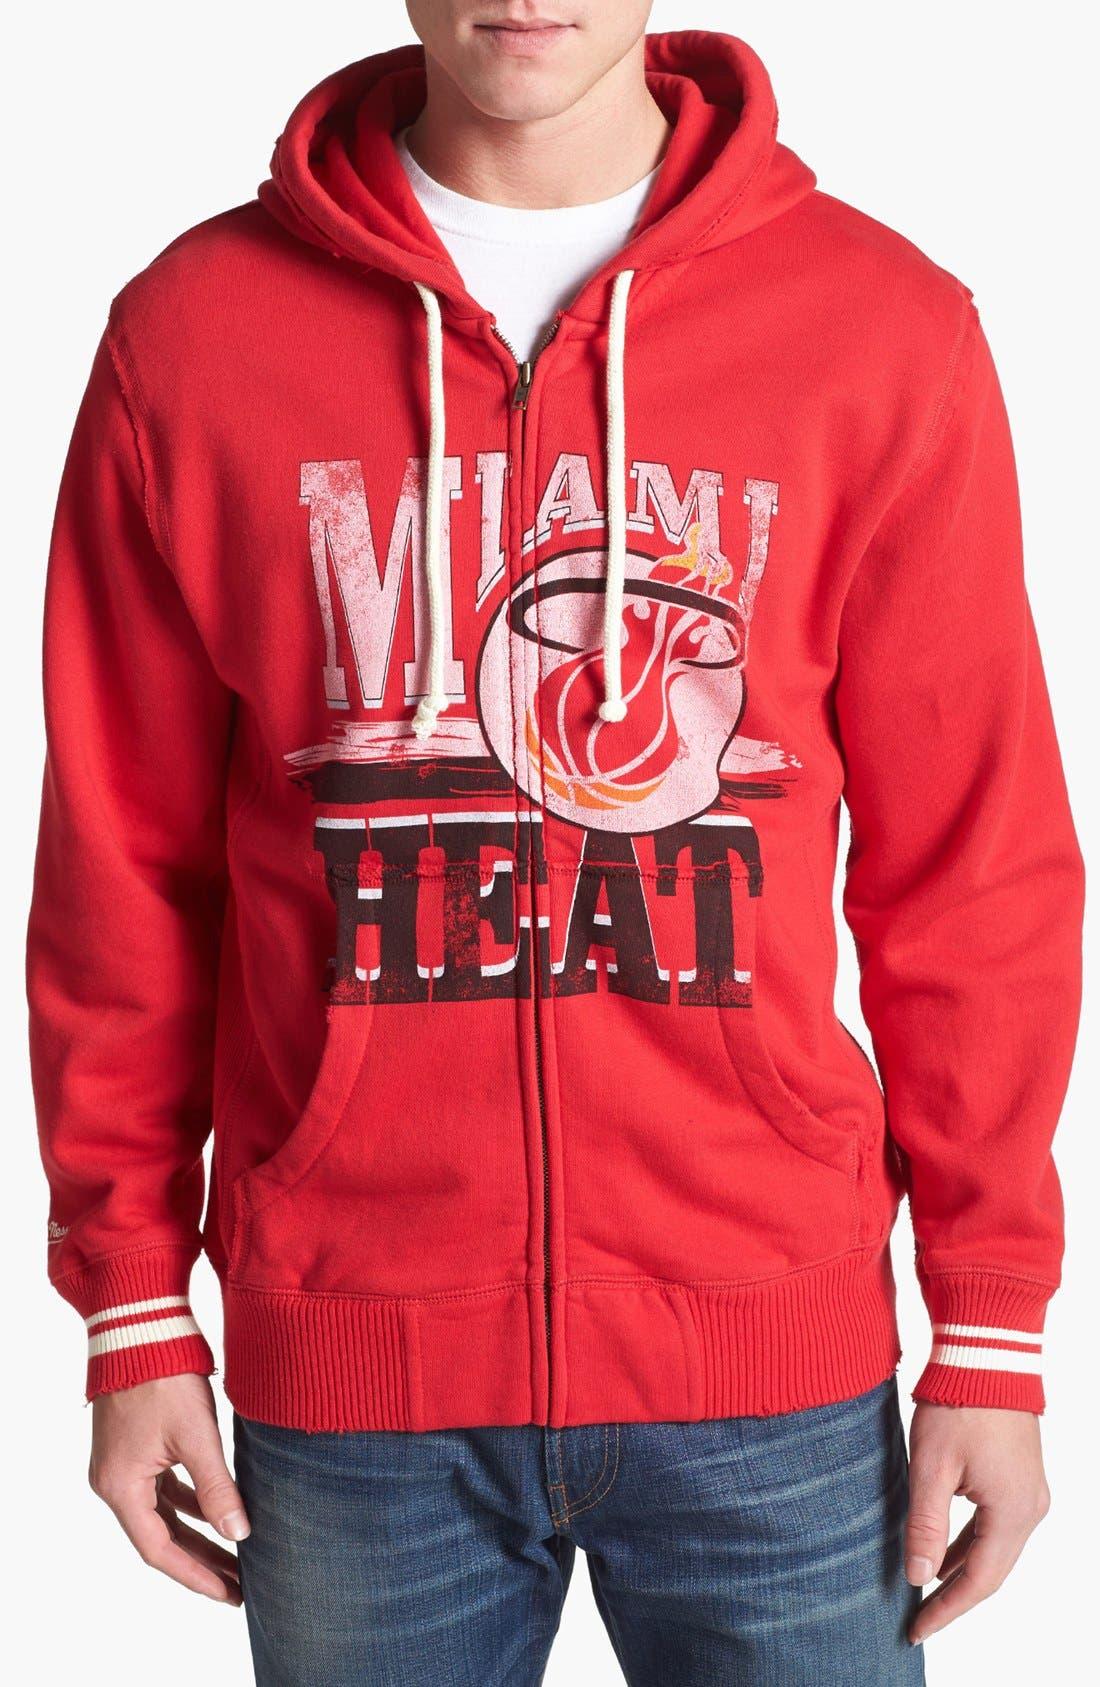 Main Image - Mitchell & Ness 'Miami Heat' Hoodie